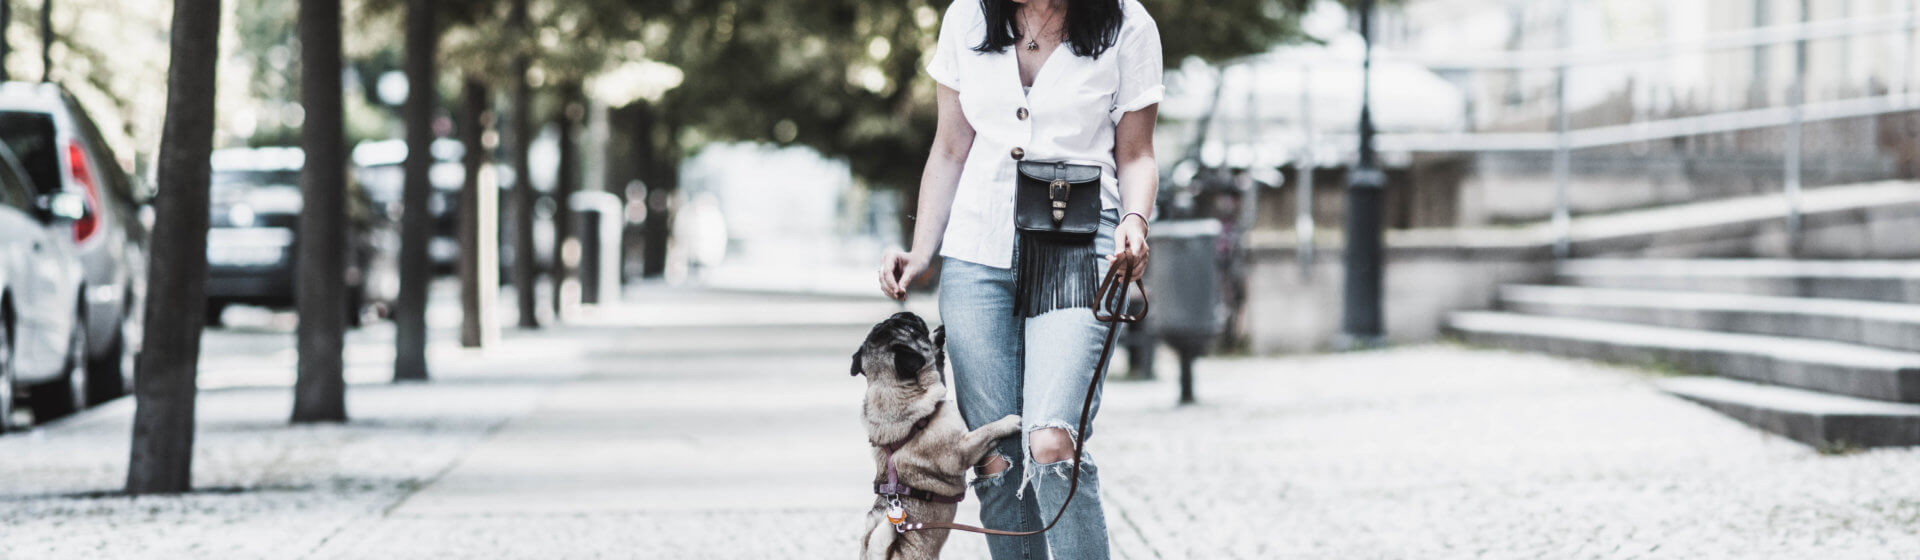 Raus mit dem Hund : praktisch & stylish zur Gassirunde Shoelove Deichmann